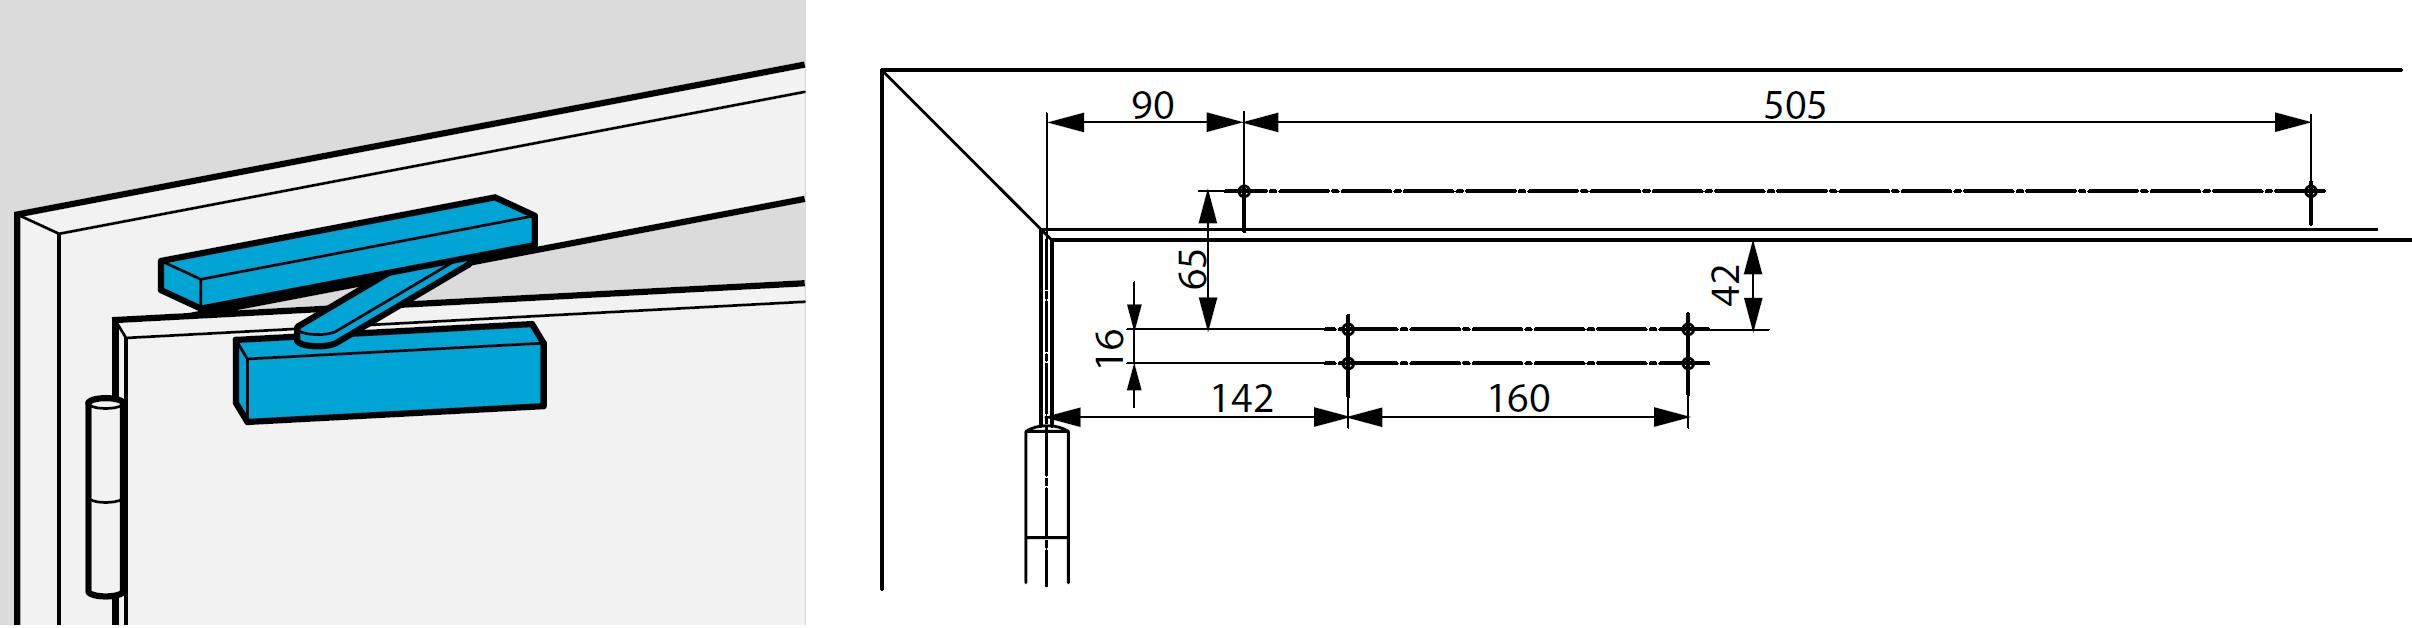 Монтажные размеры для стандартной установки с монтажной пластиной со стороны петель  Для дверей, соответствующих стандарту Е1154, Дополнение 1, или для тех дверей, где прямой монтаж невозможен.